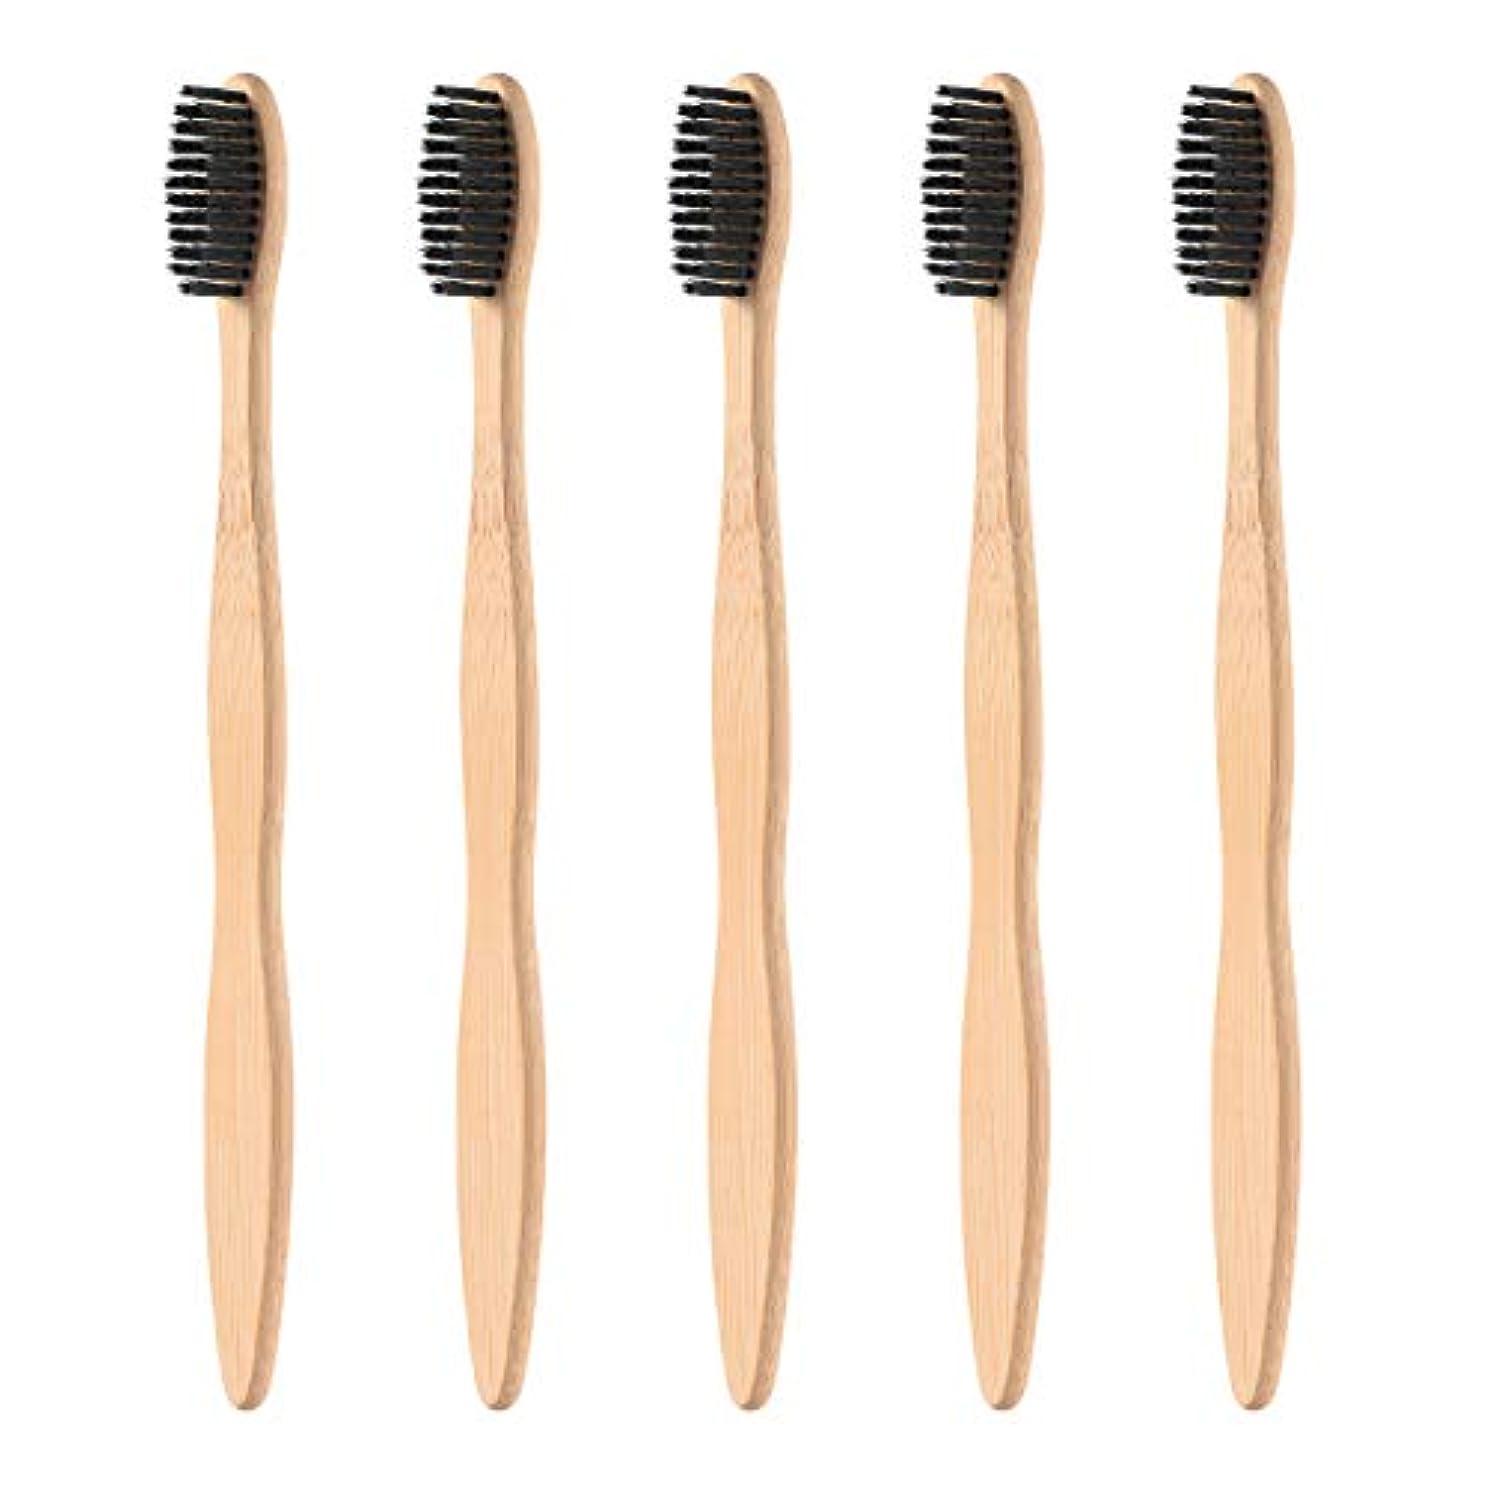 許容できる国内のポケットHealifty タケ環境的に歯ブラシ5pcsは柔らかい黒い剛毛が付いている自然な木のEcoの友好的な歯ブラシを扱います